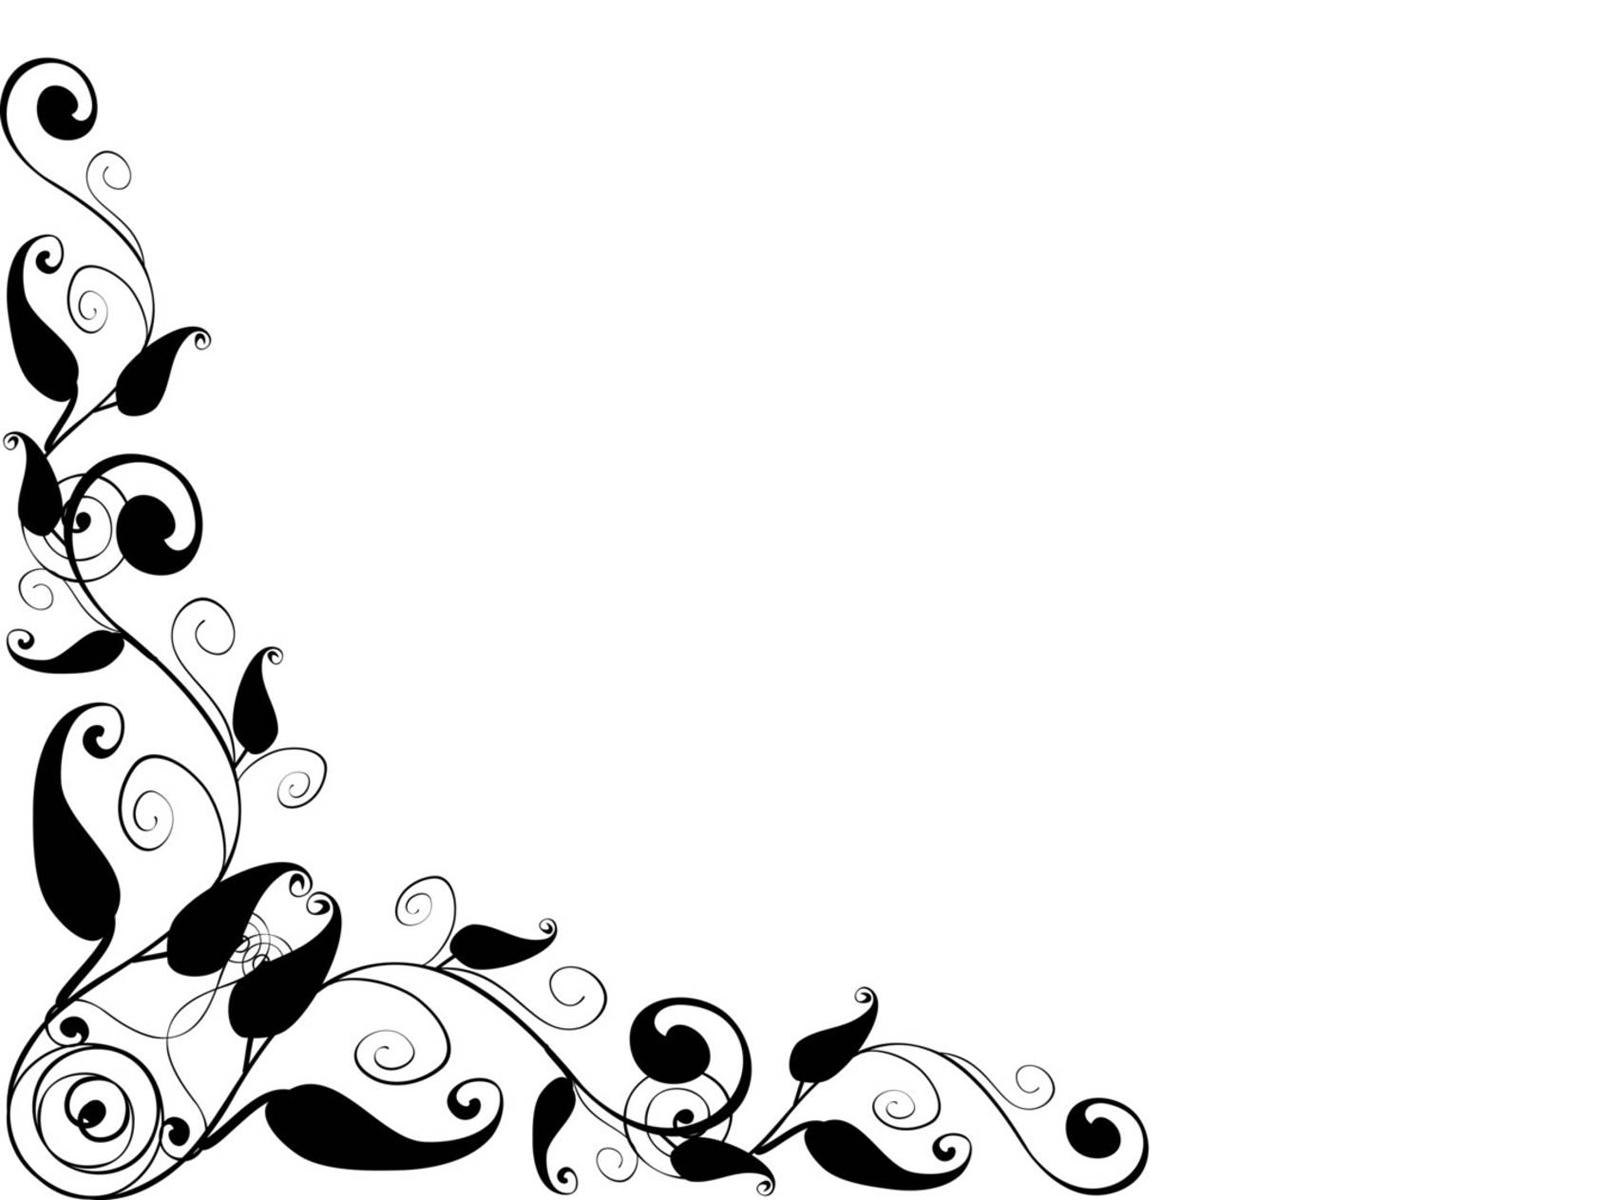 elegant black frame backgrounds border   frames Heart Clip Art Black and White Mind Clip Art Black and White